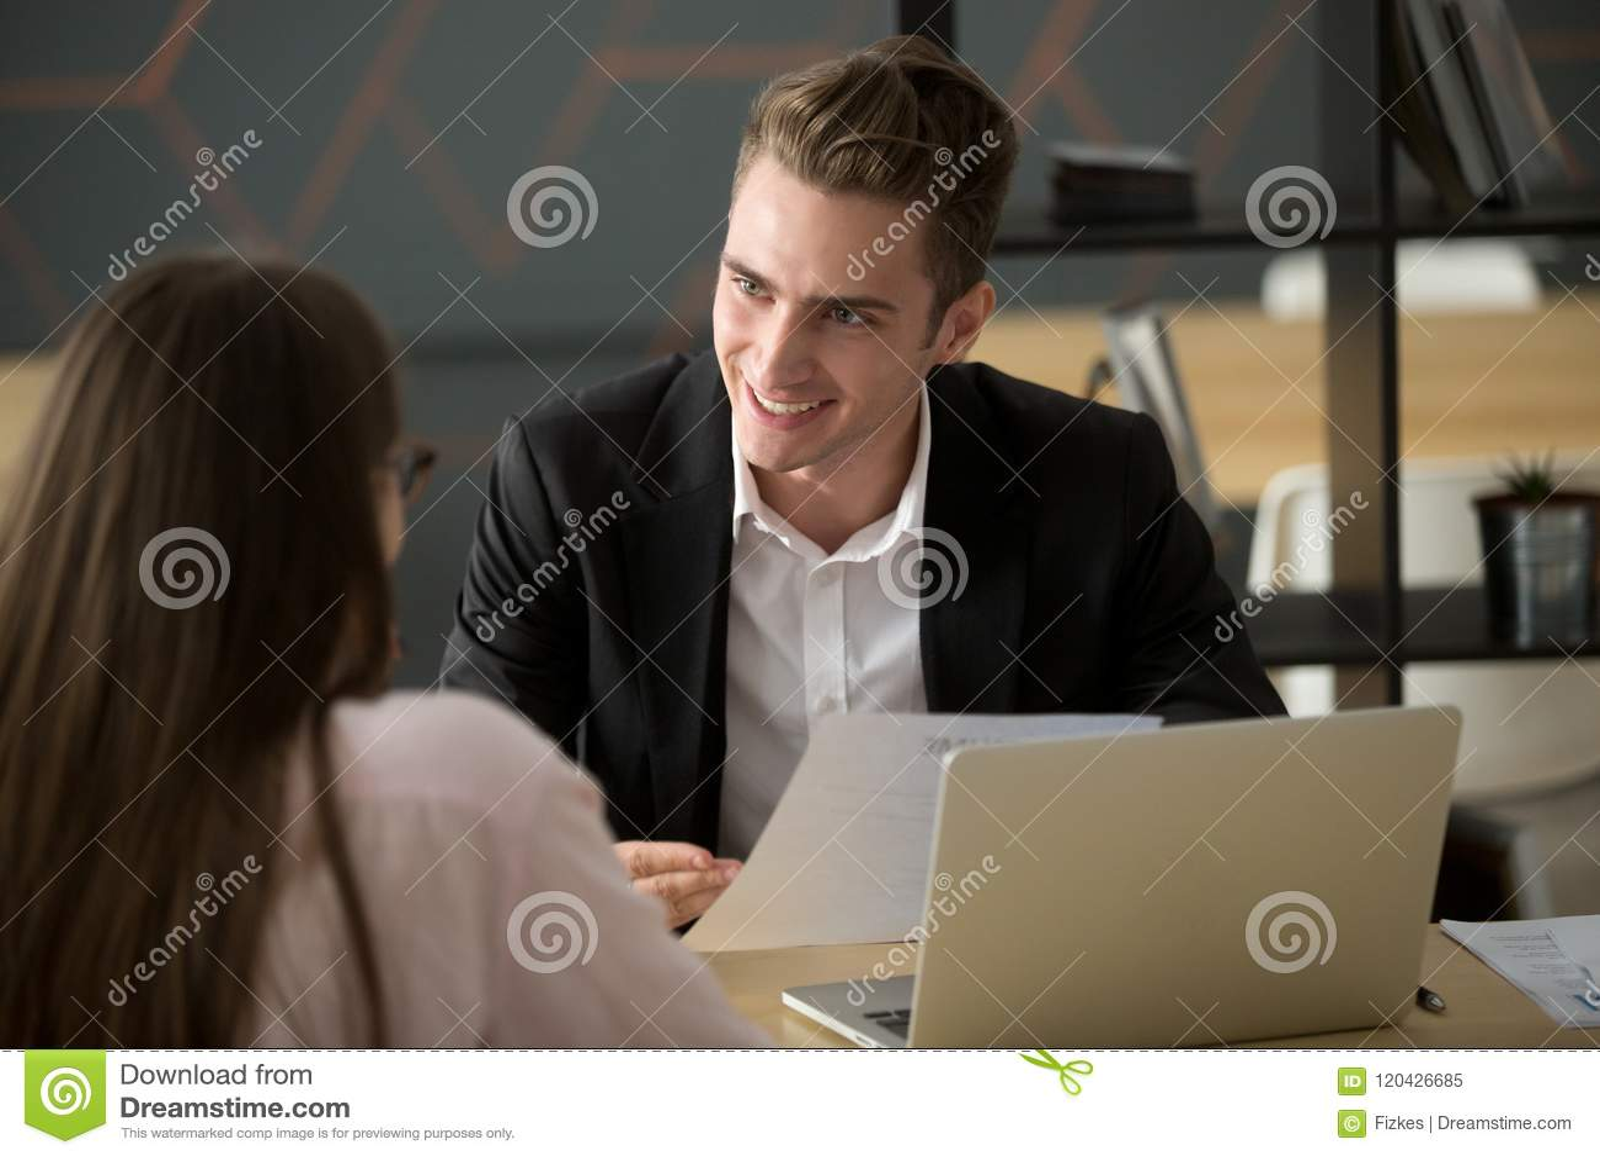 Reclutador masculino sonriente que discute el cv con el candidato de trabajo femenino